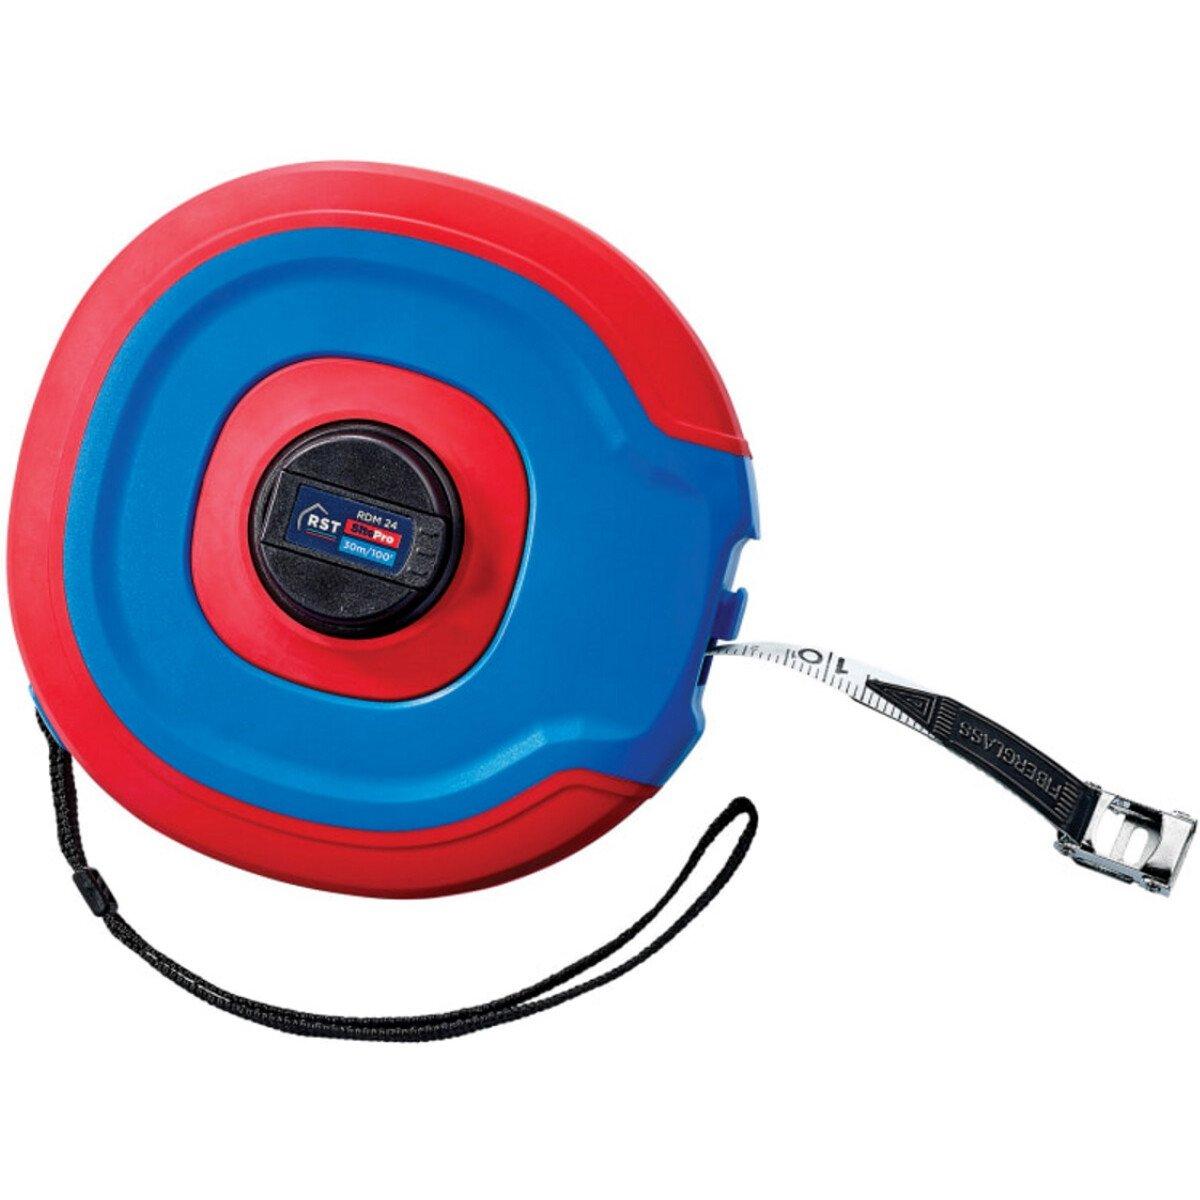 RST RDM24 SitePro Fibreglass Tape 30m/100ft (Width 13mm) RSTRDM24